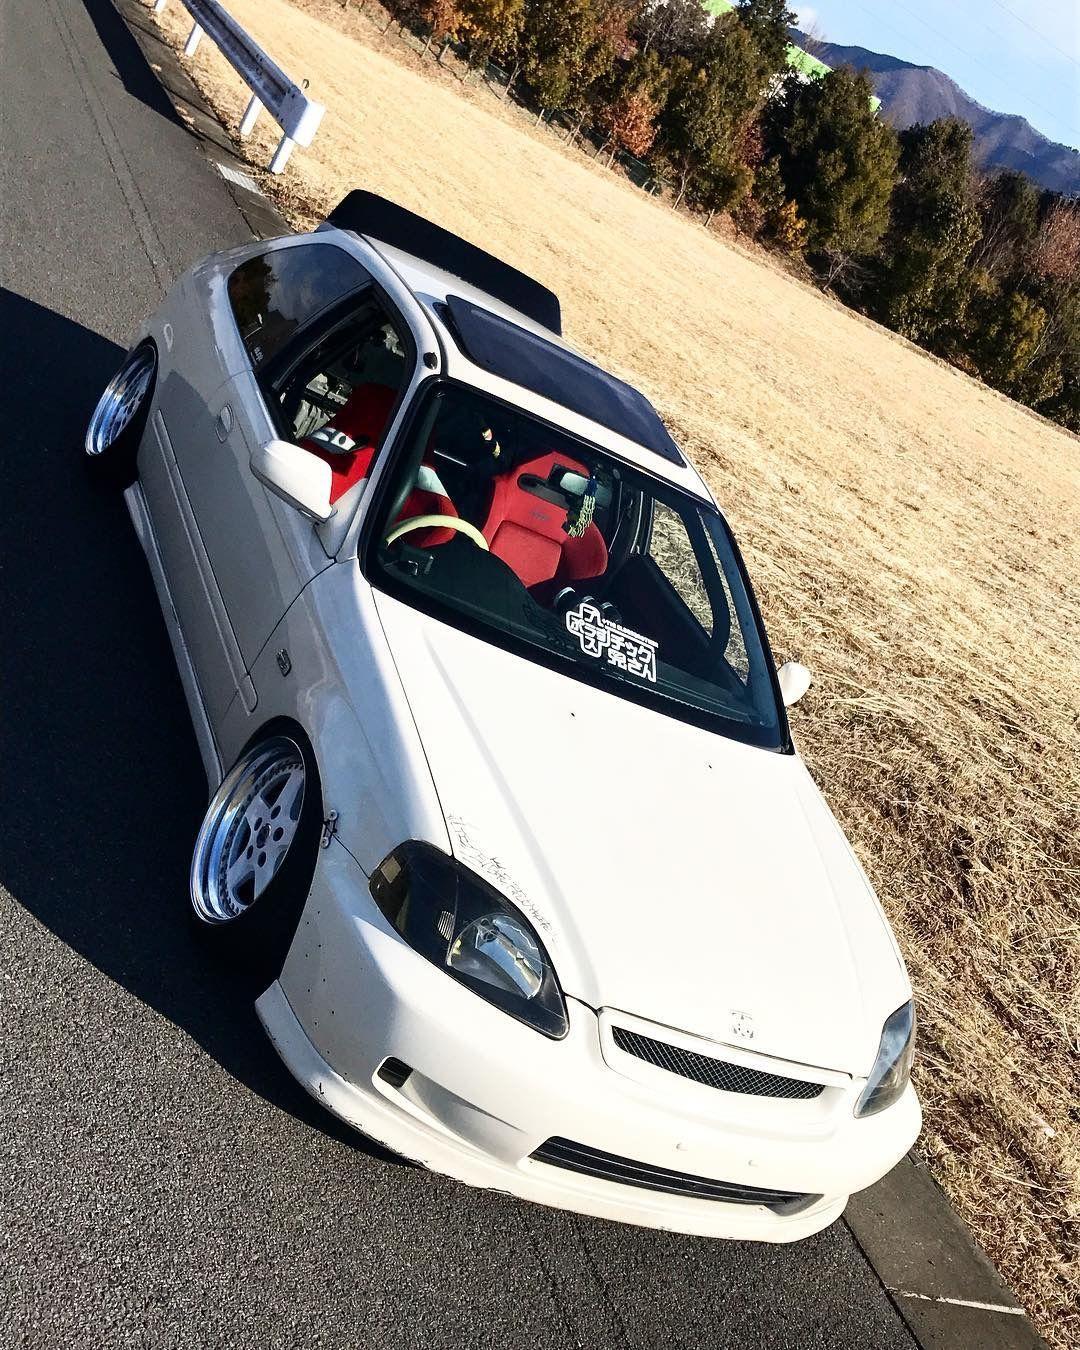 White Ek9 type R Honda civic hatchback, Honda civic